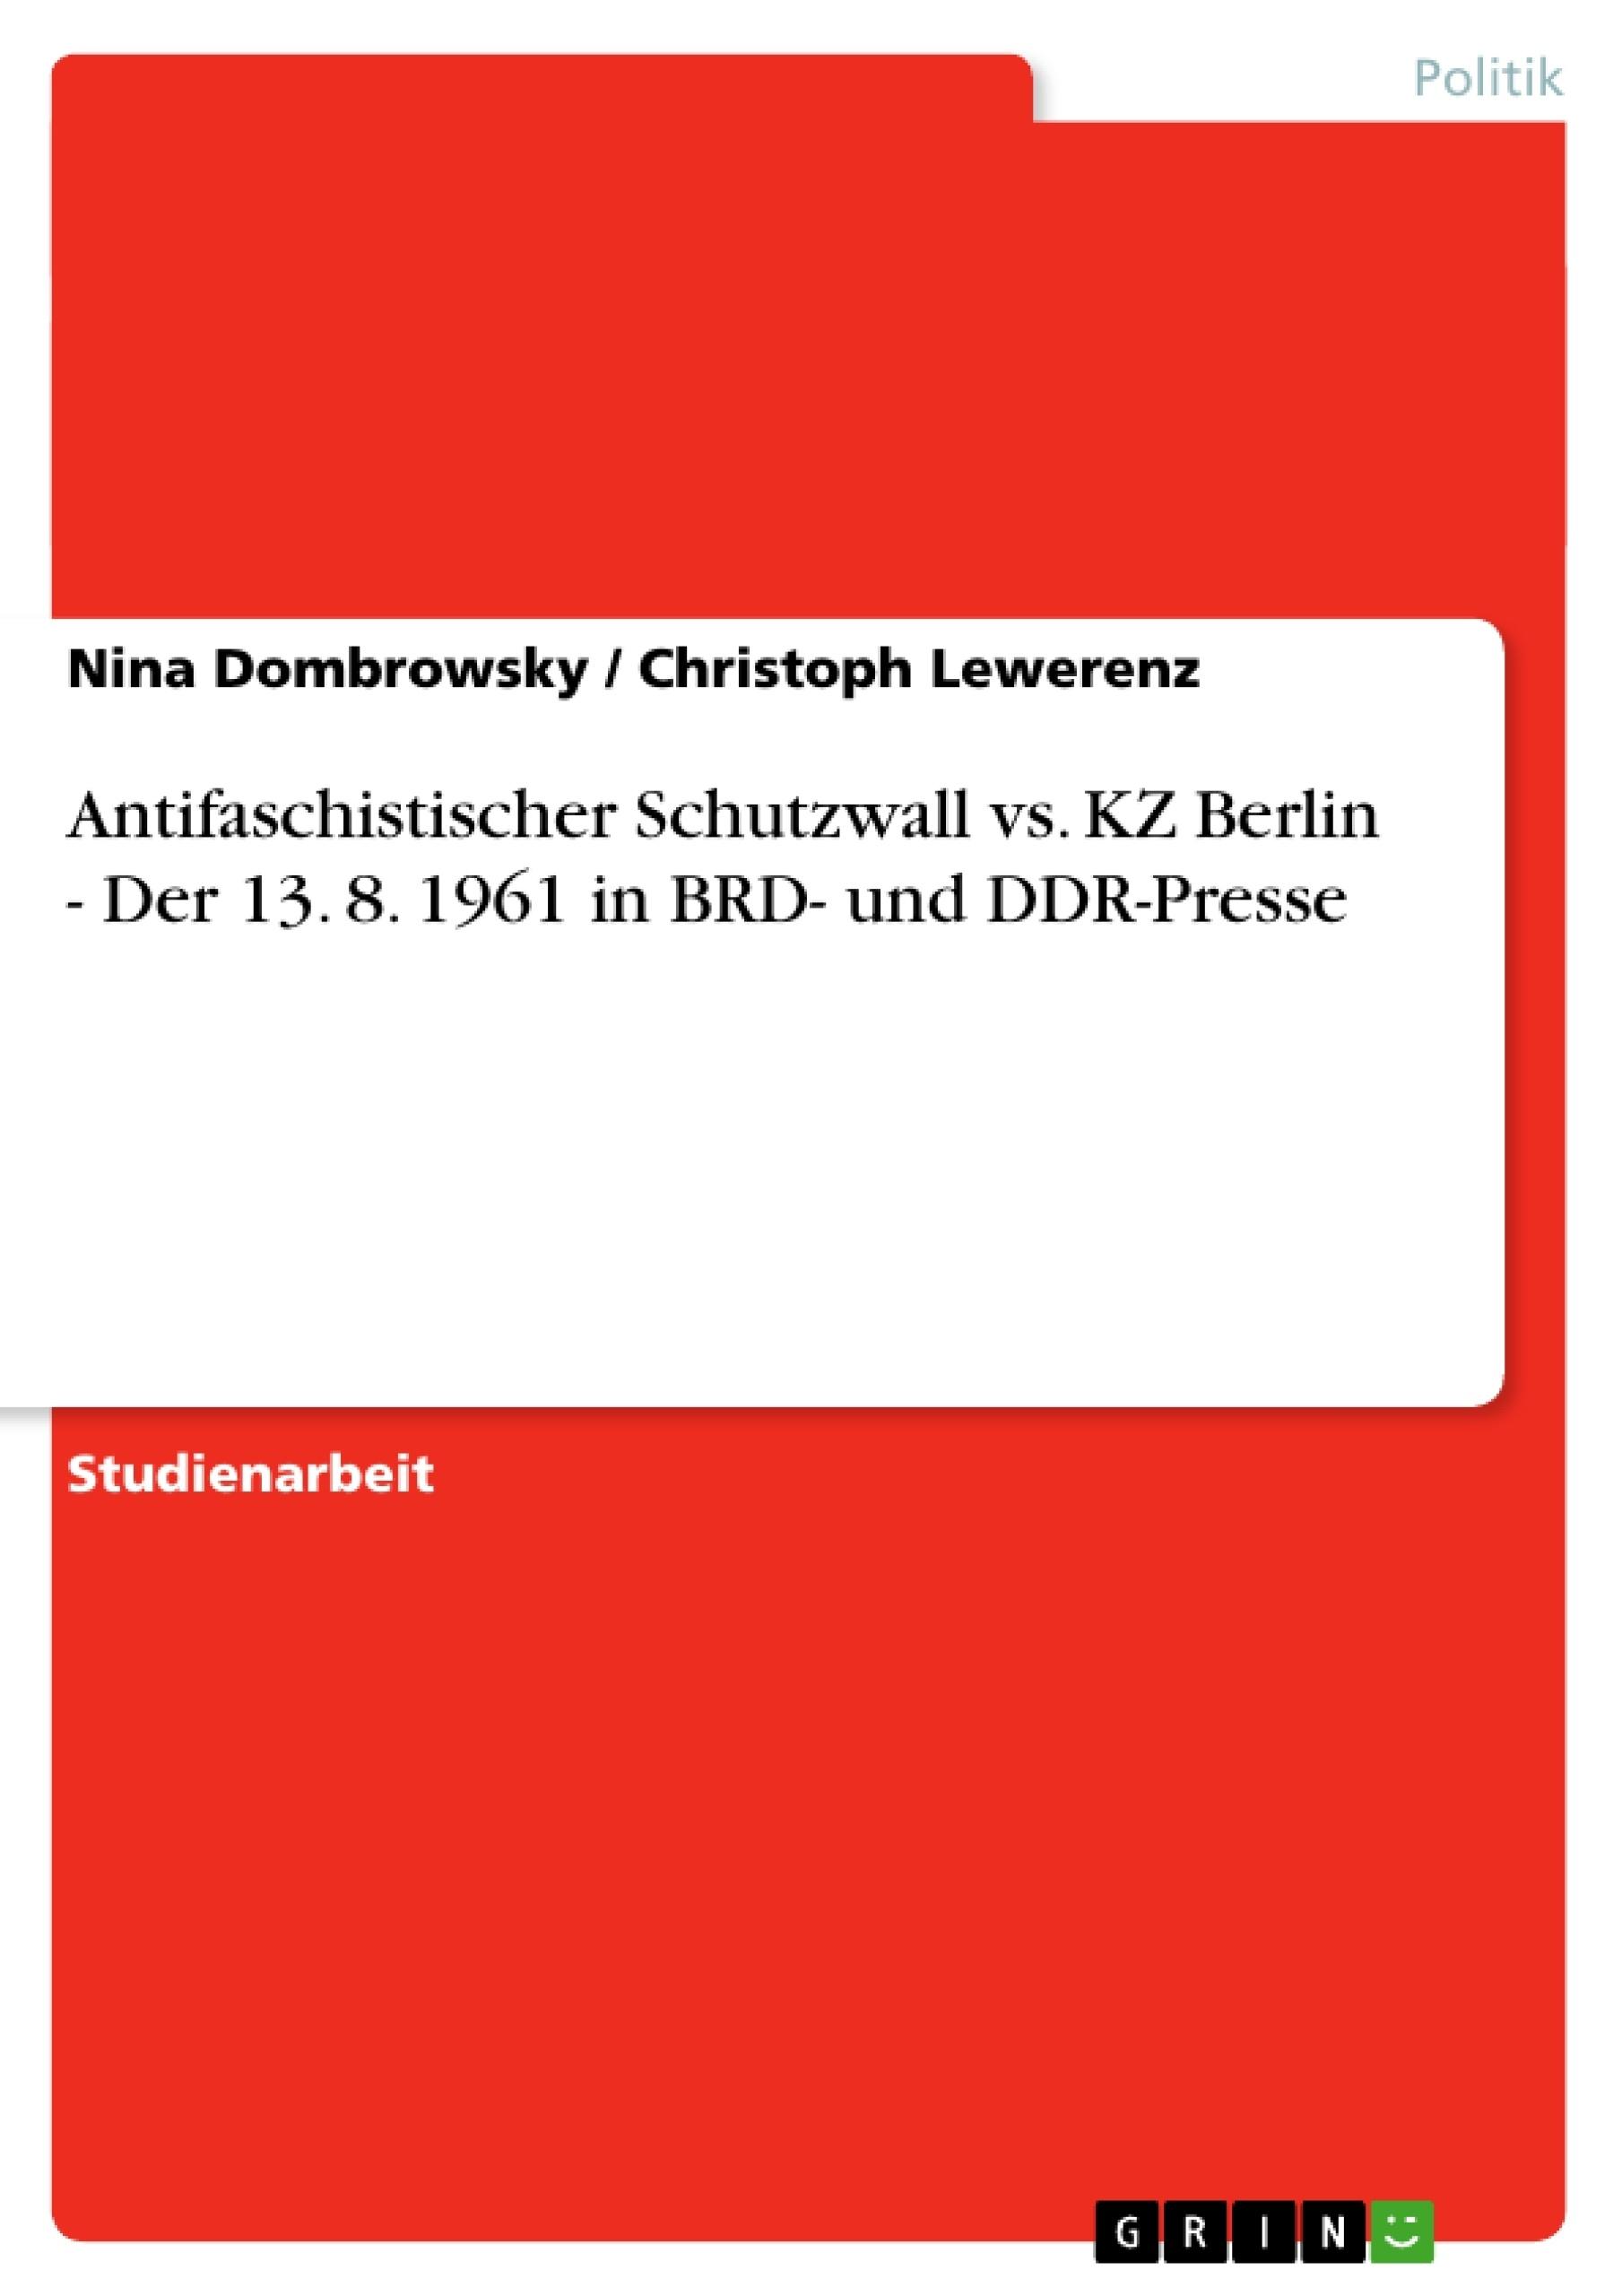 Titel: Antifaschistischer Schutzwall  vs.  KZ Berlin  - Der 13. 8. 1961 in BRD- und DDR-Presse